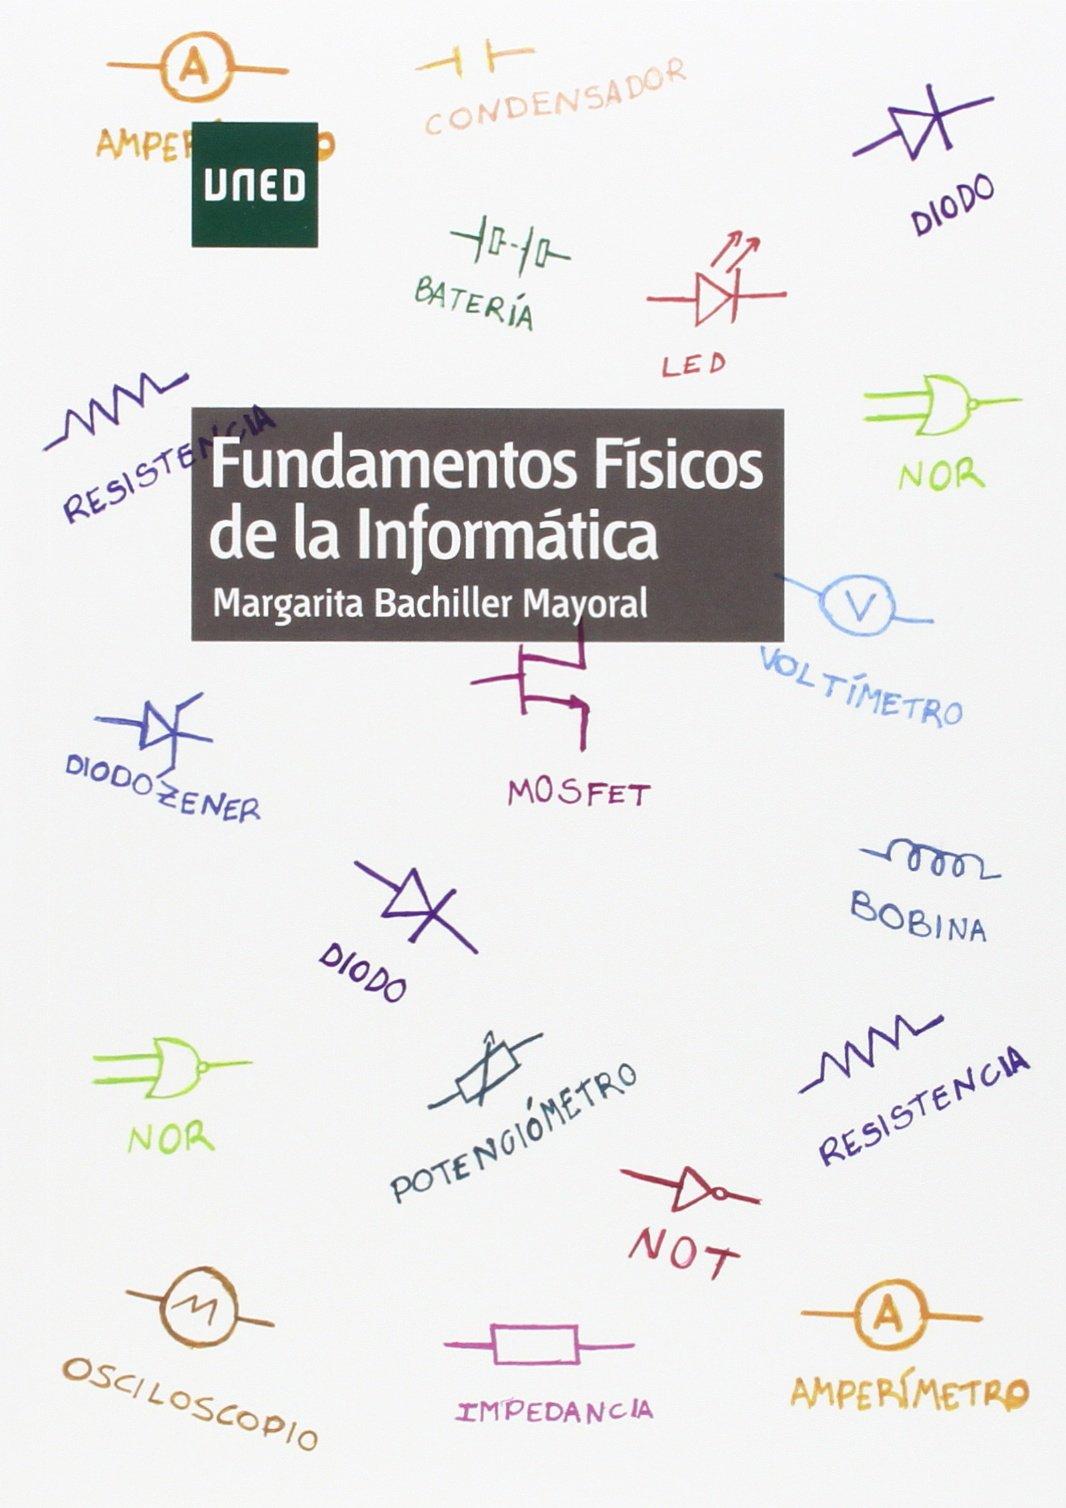 Fundamentos Físicos De La Informática Grado Spanish Edition Bachiller Mayoral Margarita 9788436269772 Books